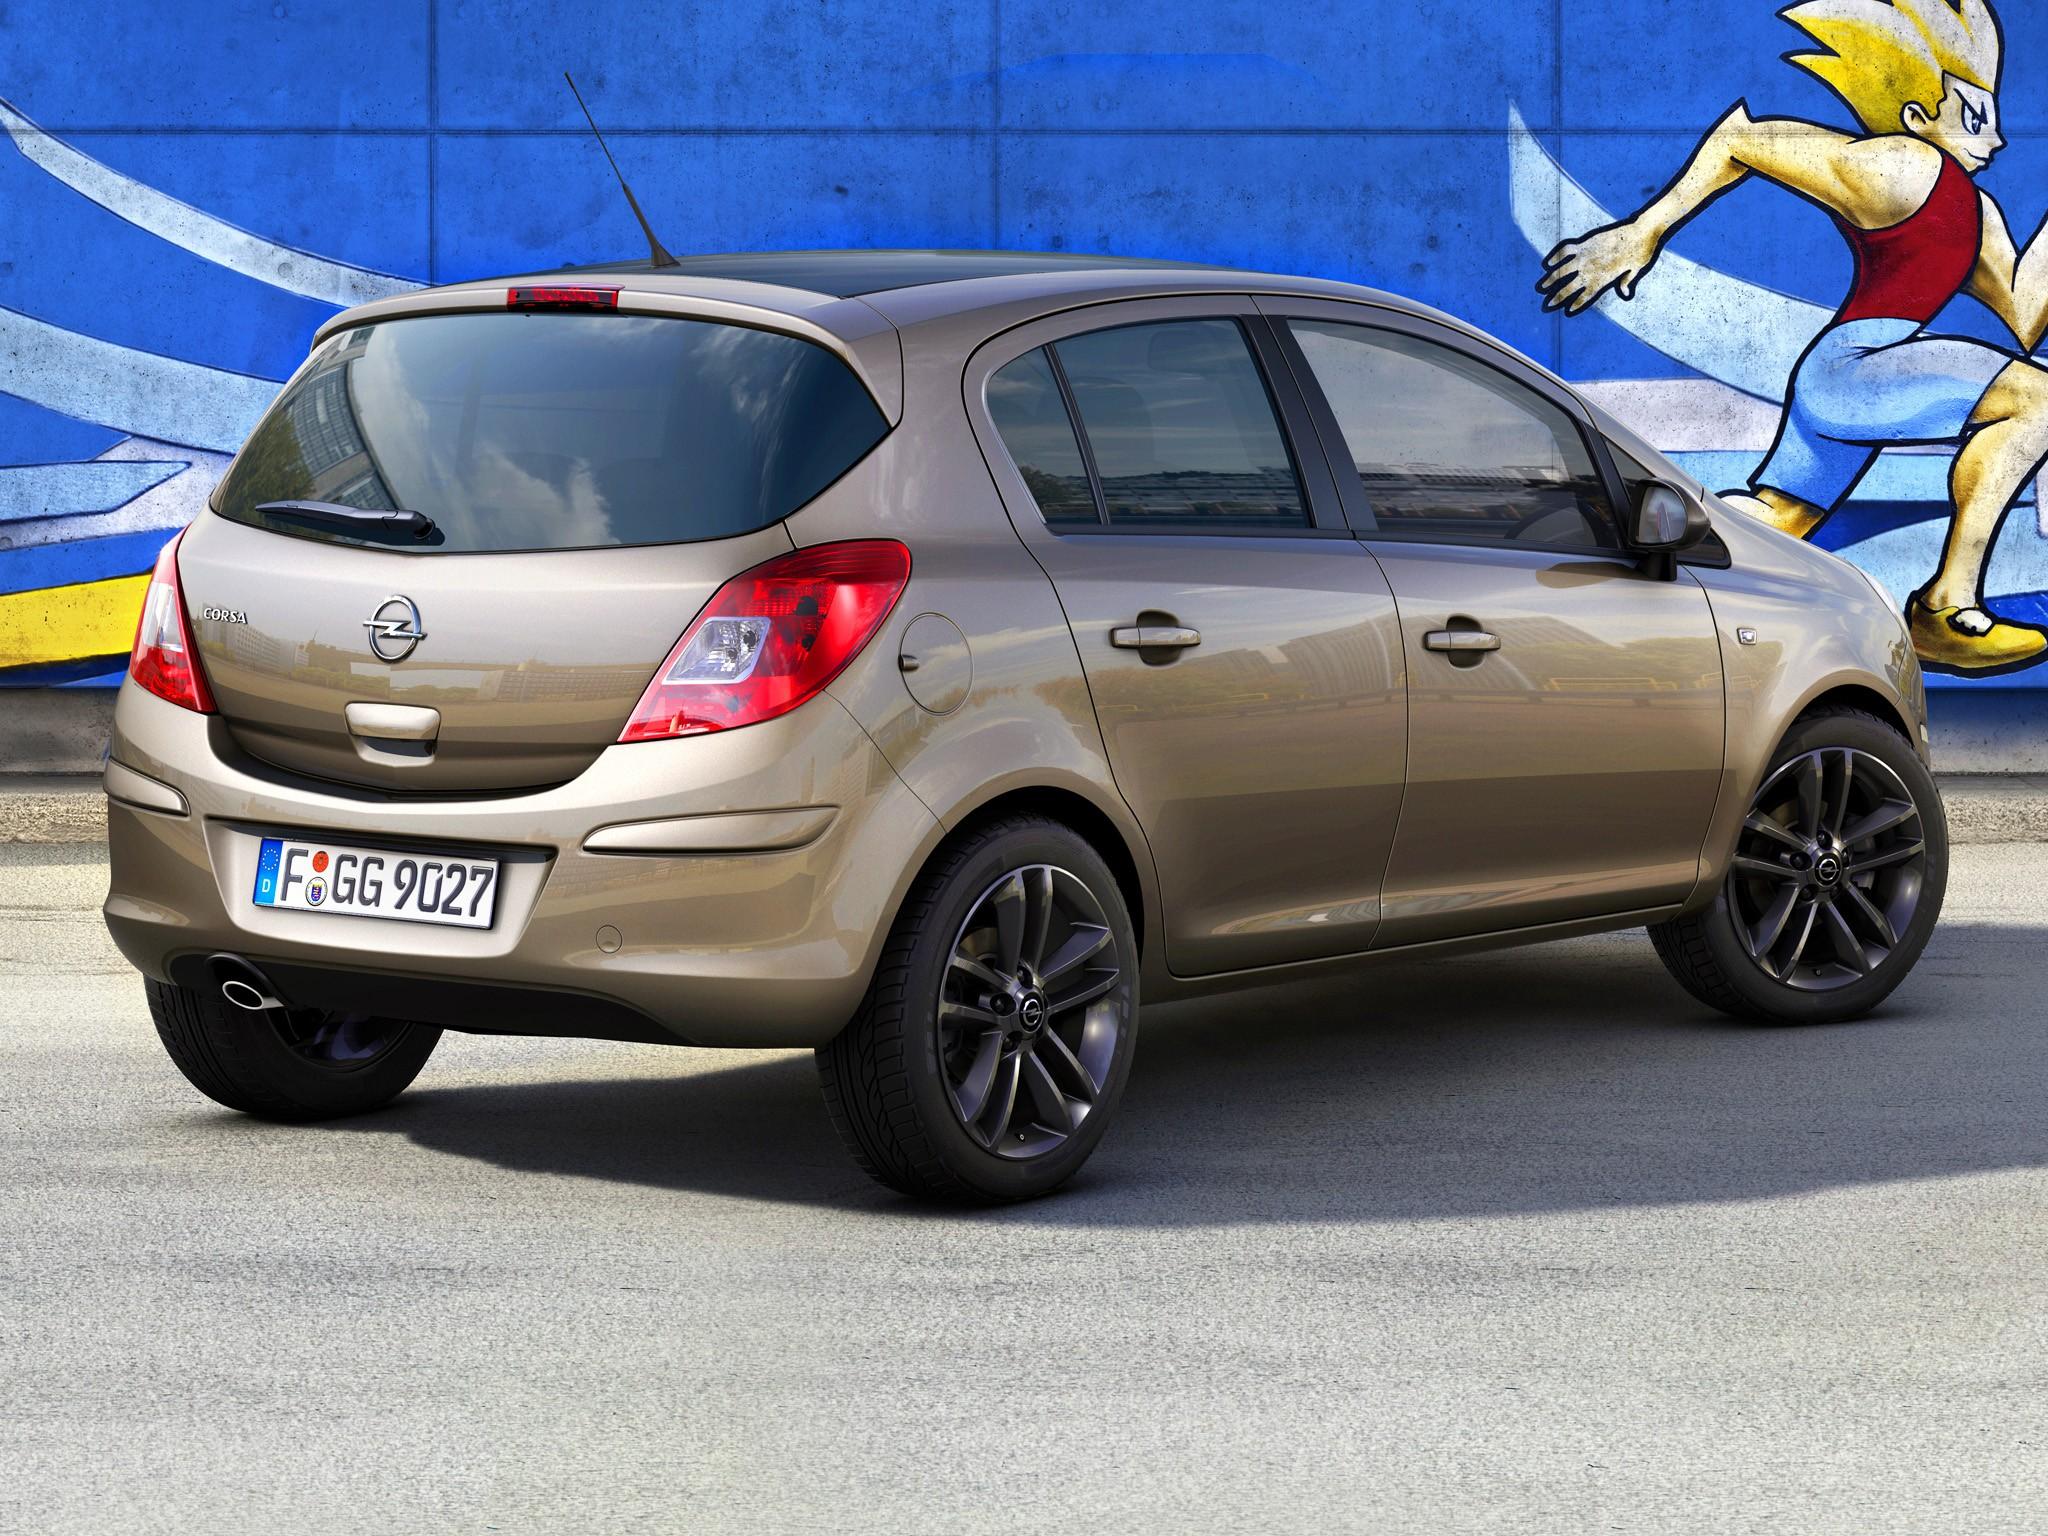 Opel corsa 5 doors 2010 2011 2012 2013 2014 2015 for Opel corsa 2010 interior